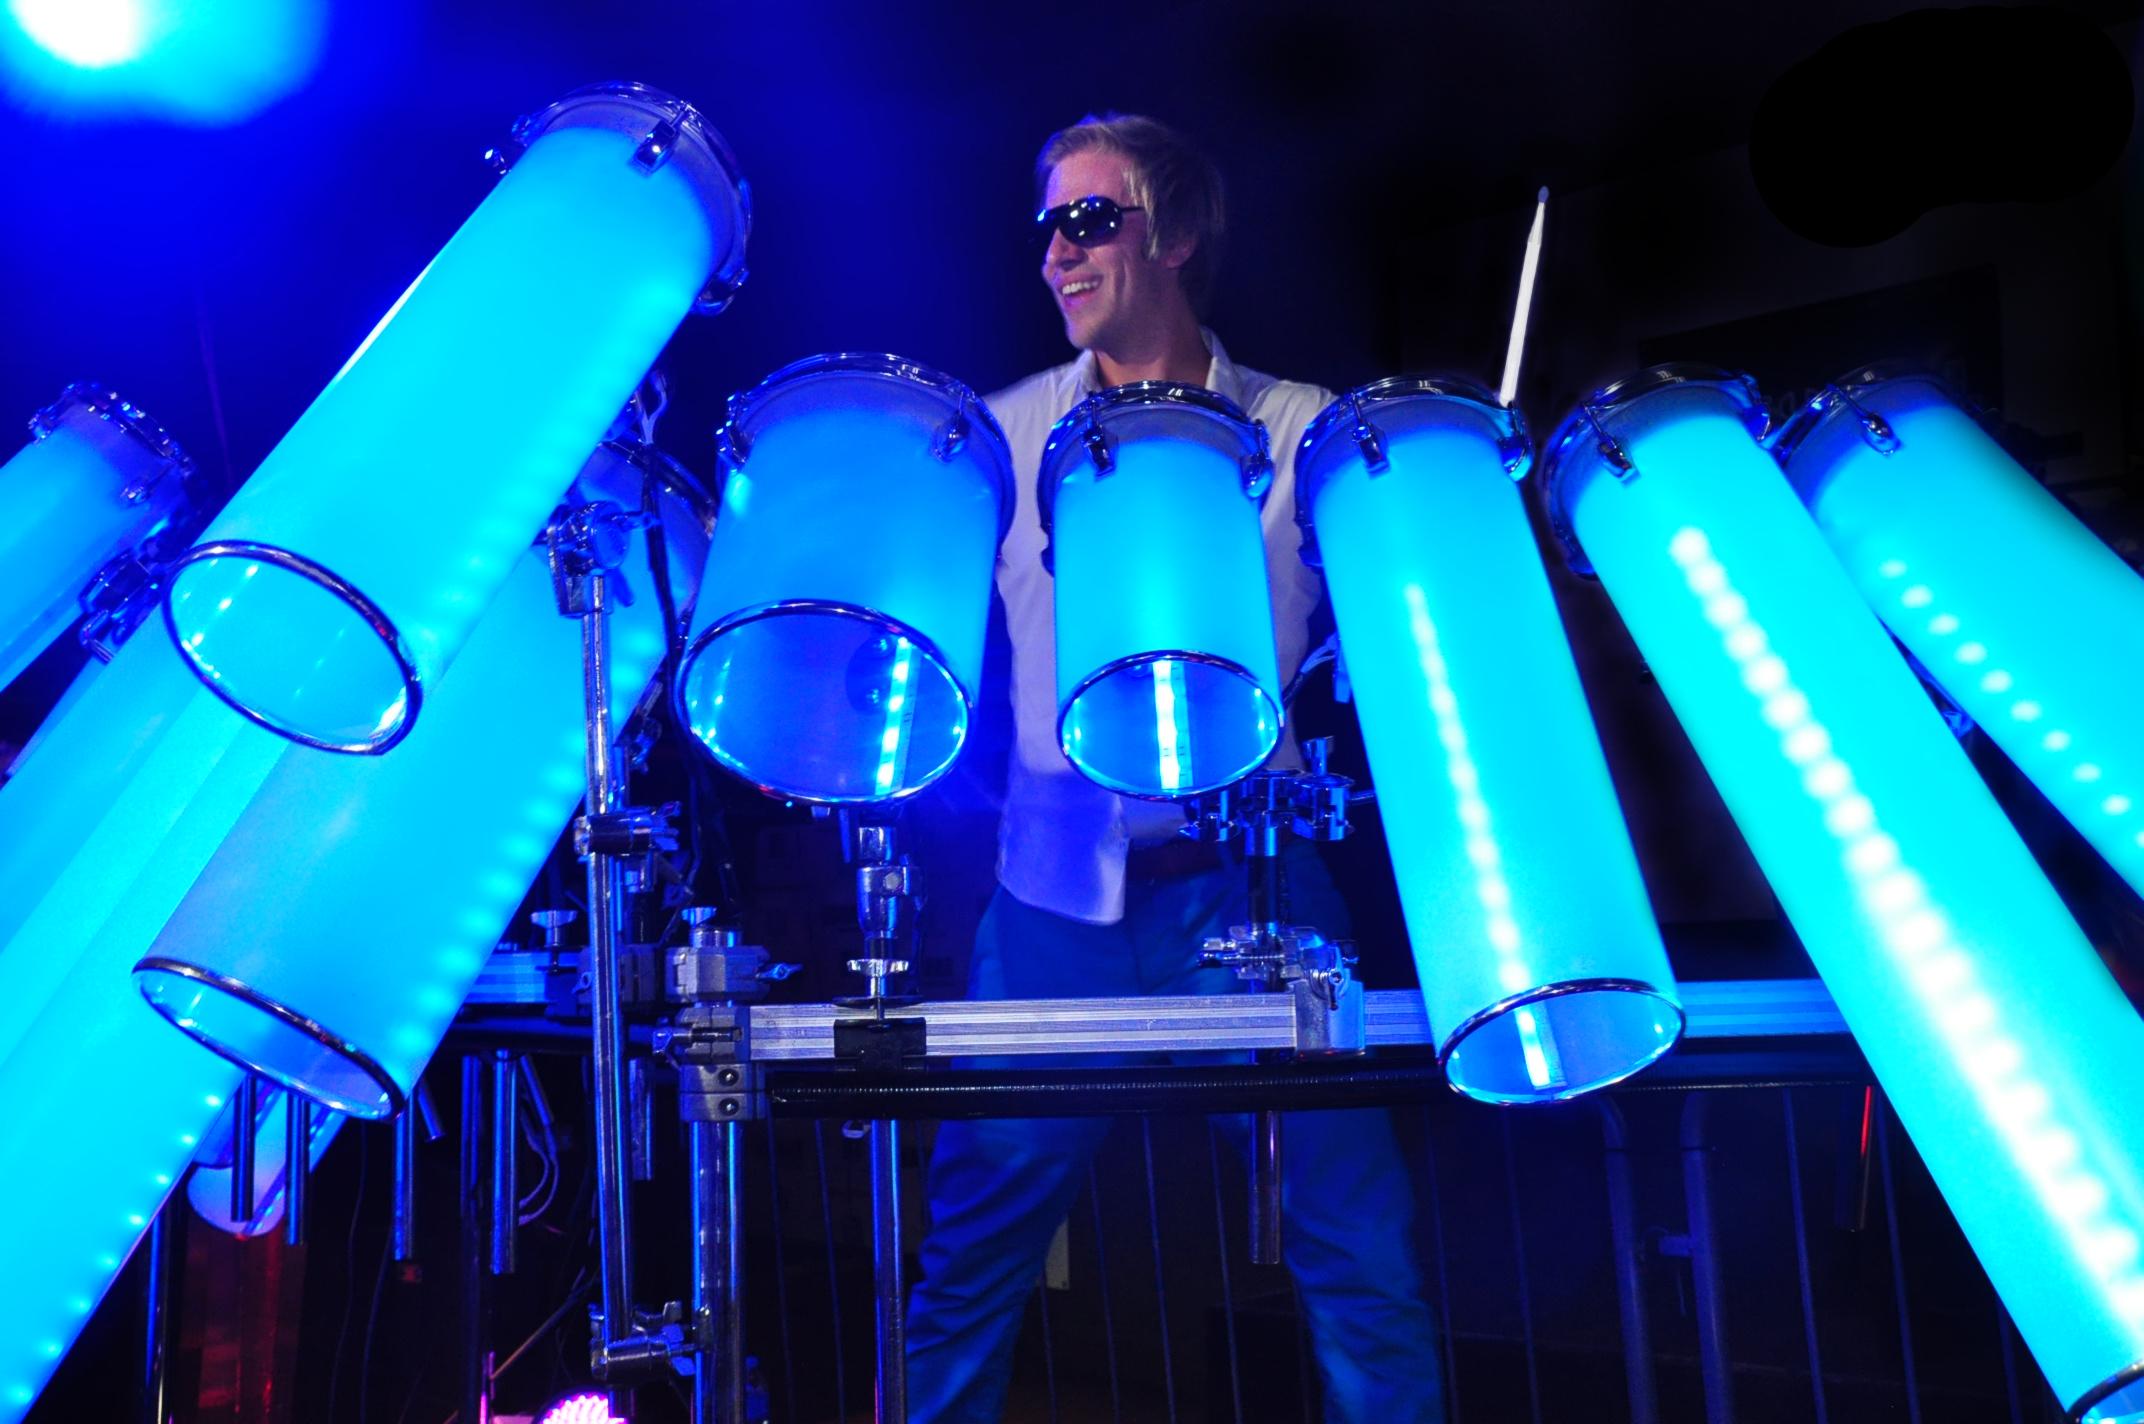 Britain S Got Talent Star Designs Builds Unique Dj Drum